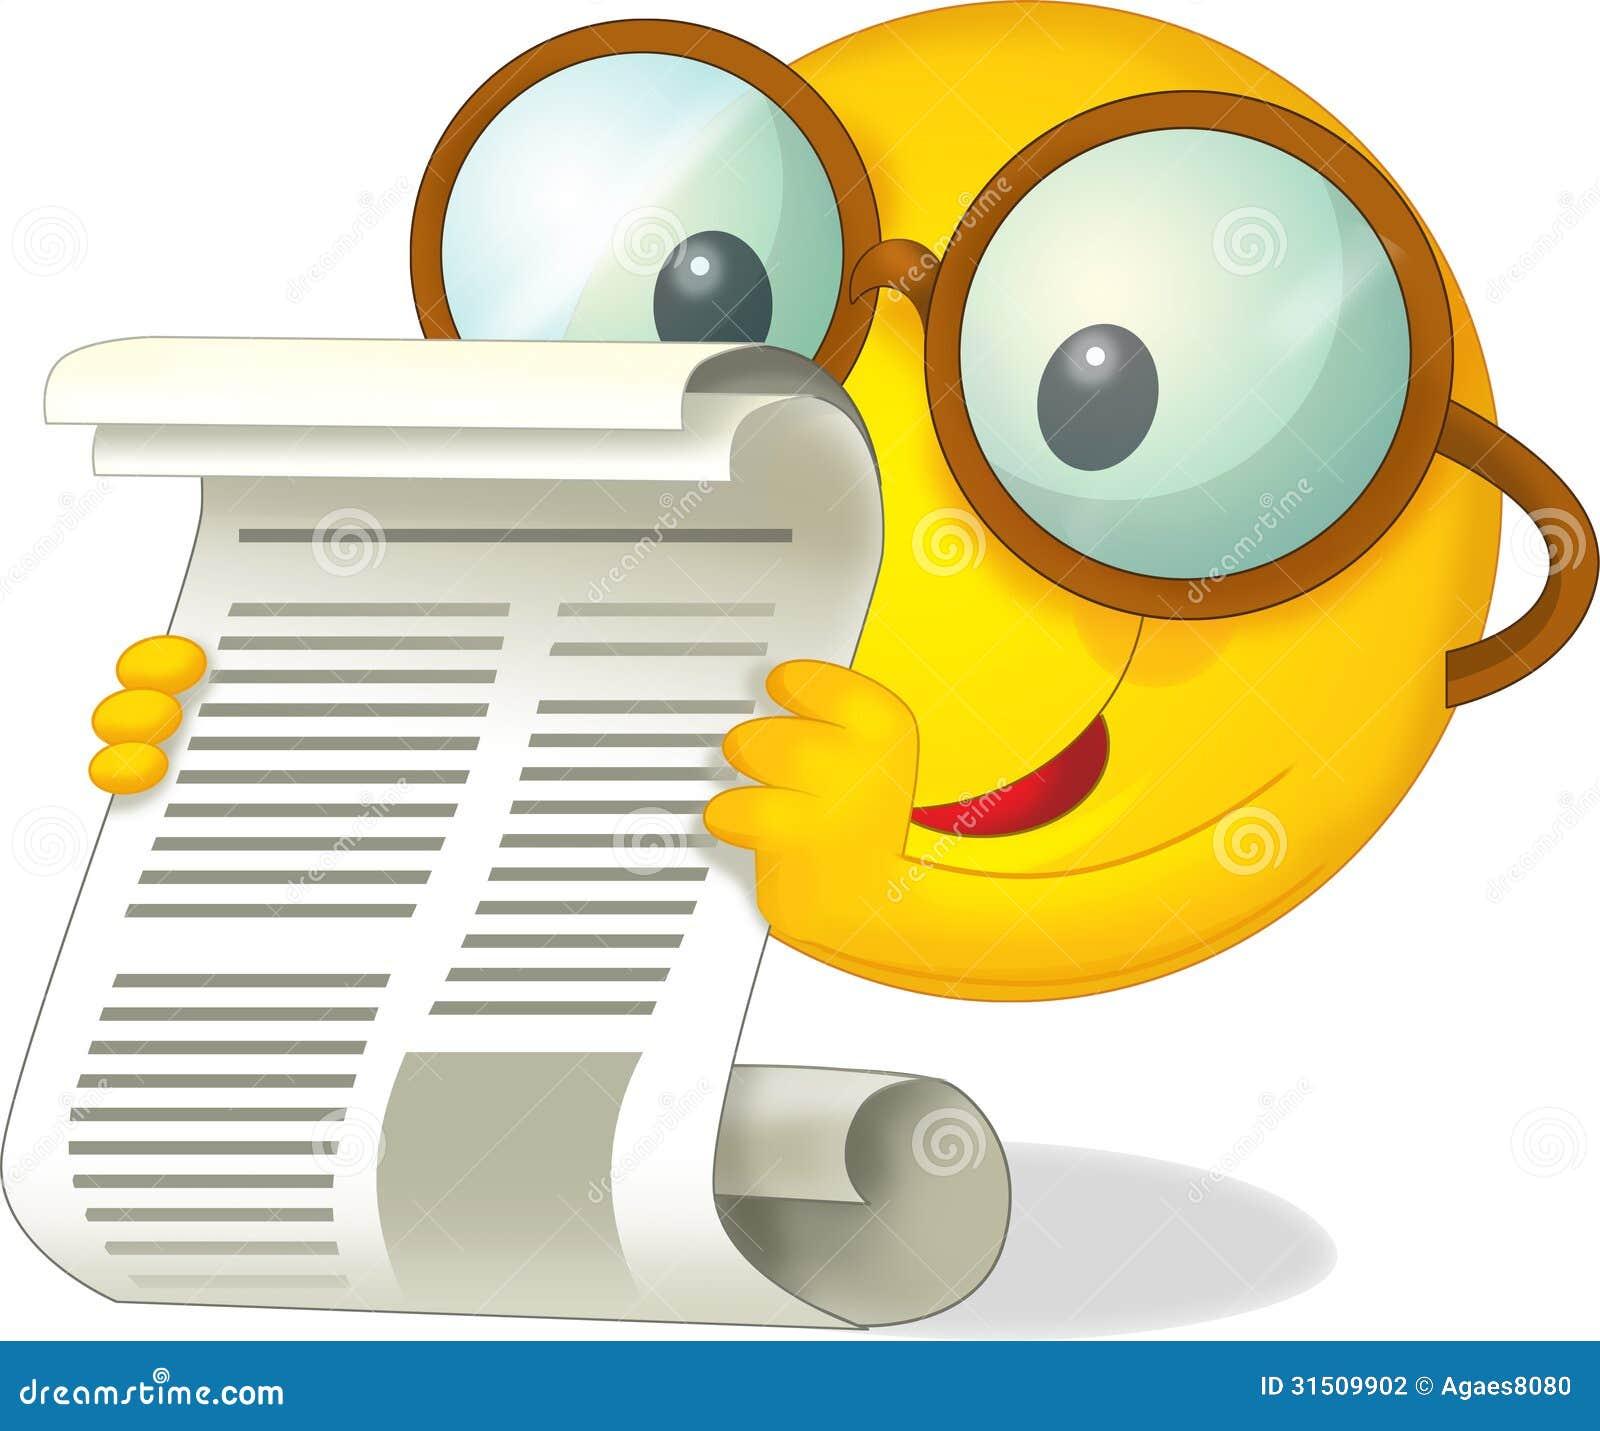 De gelukkige zon met een krant illustratie voor de kinderen stock illustratie afbeelding - Doek voor de zon ...